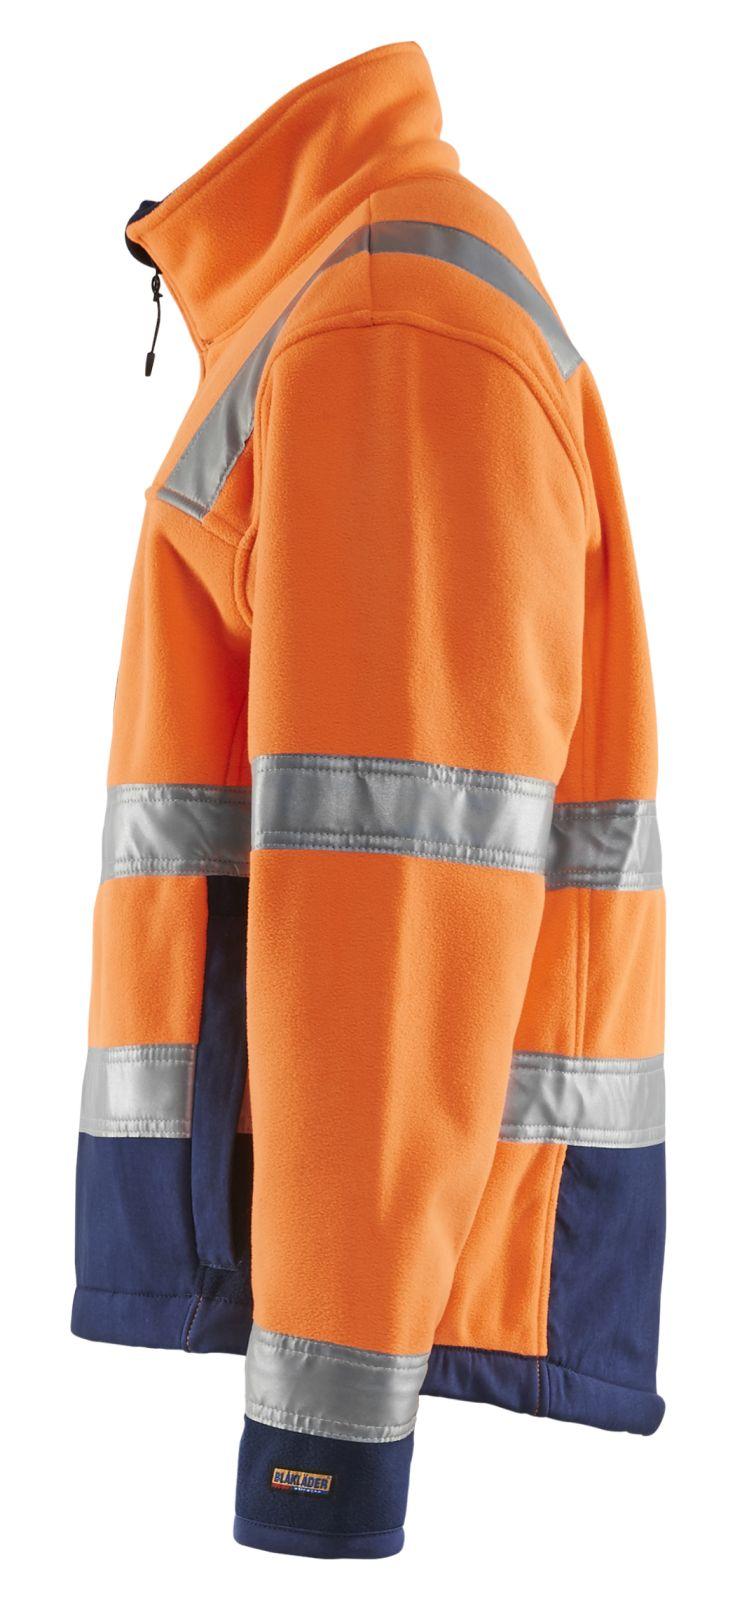 Blaklader Fleece jassen 48392545 High Vis oranje-marineblauw(5389)